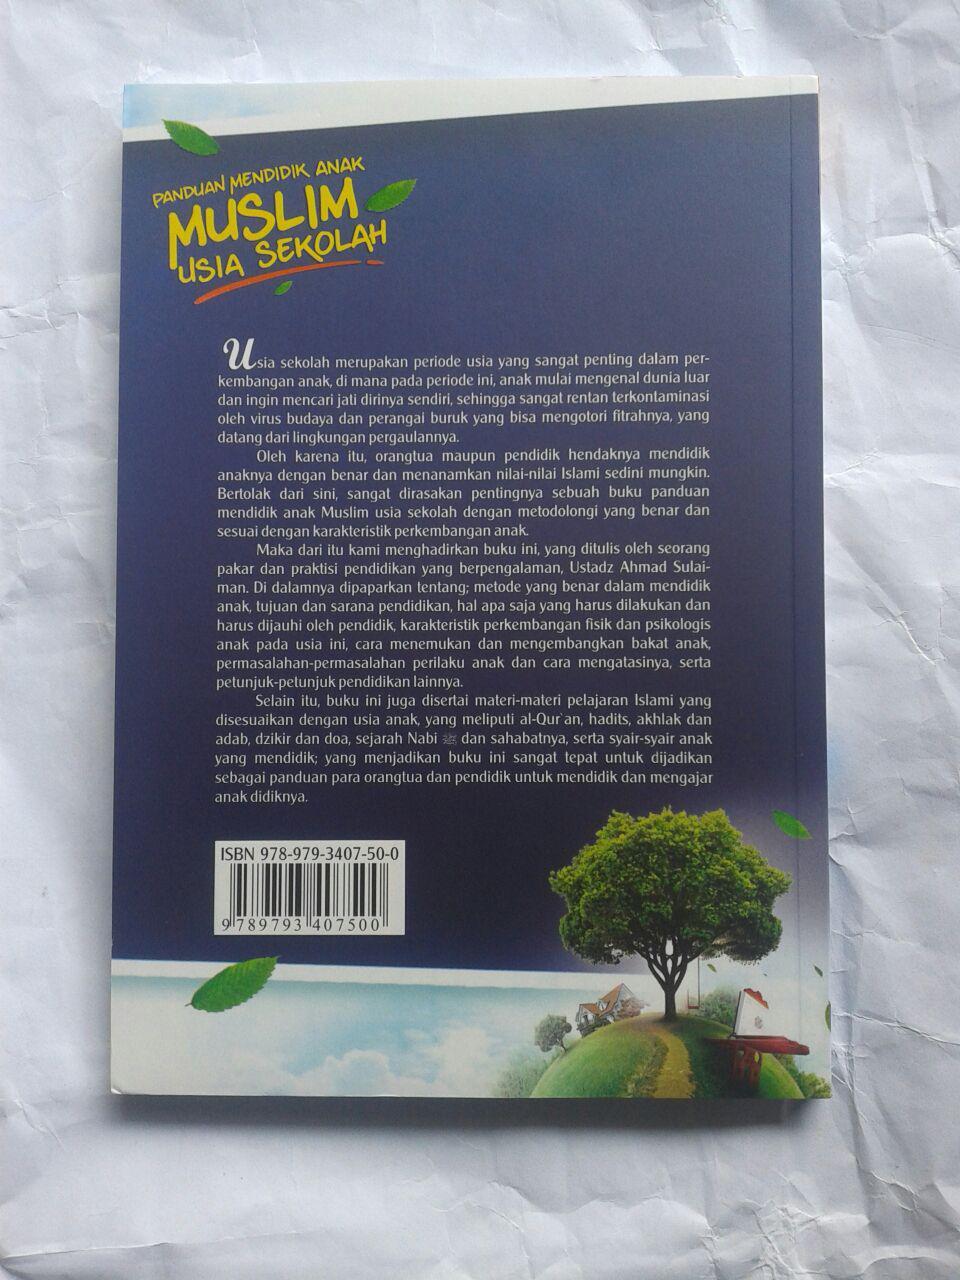 Buku Panduan Mendidik Anak Muslim Usia Sekolah 26,000 15% 22,100 cover 2